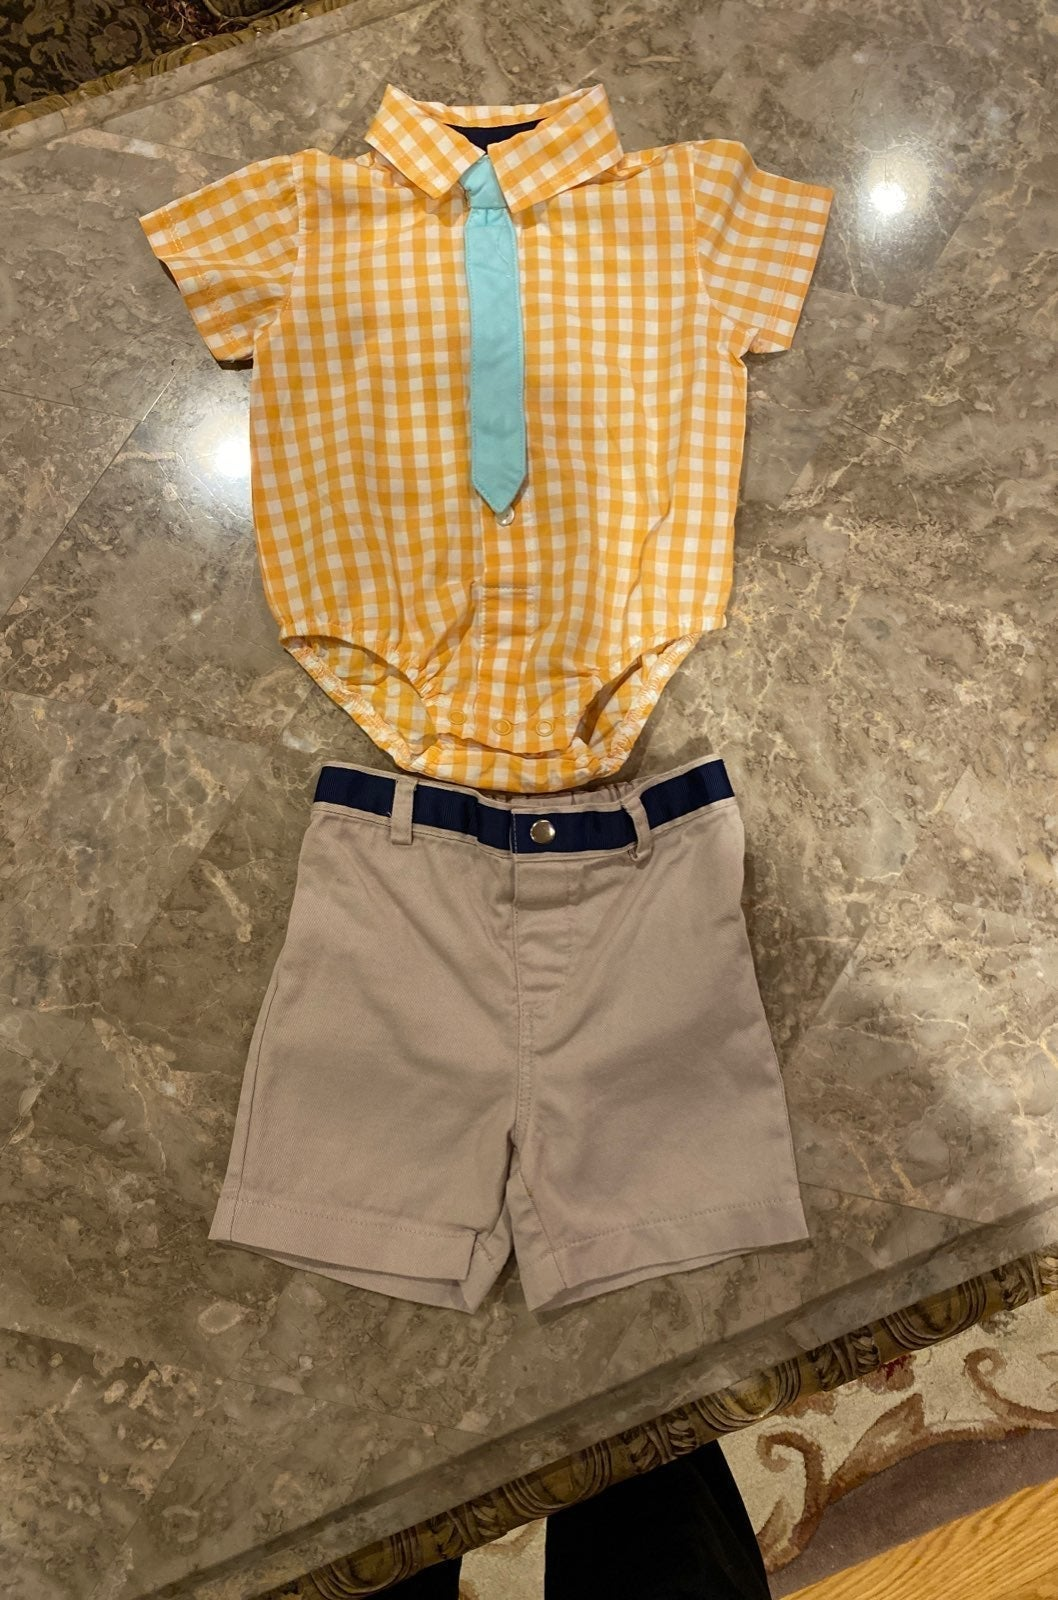 Set Dress shirt and shorts